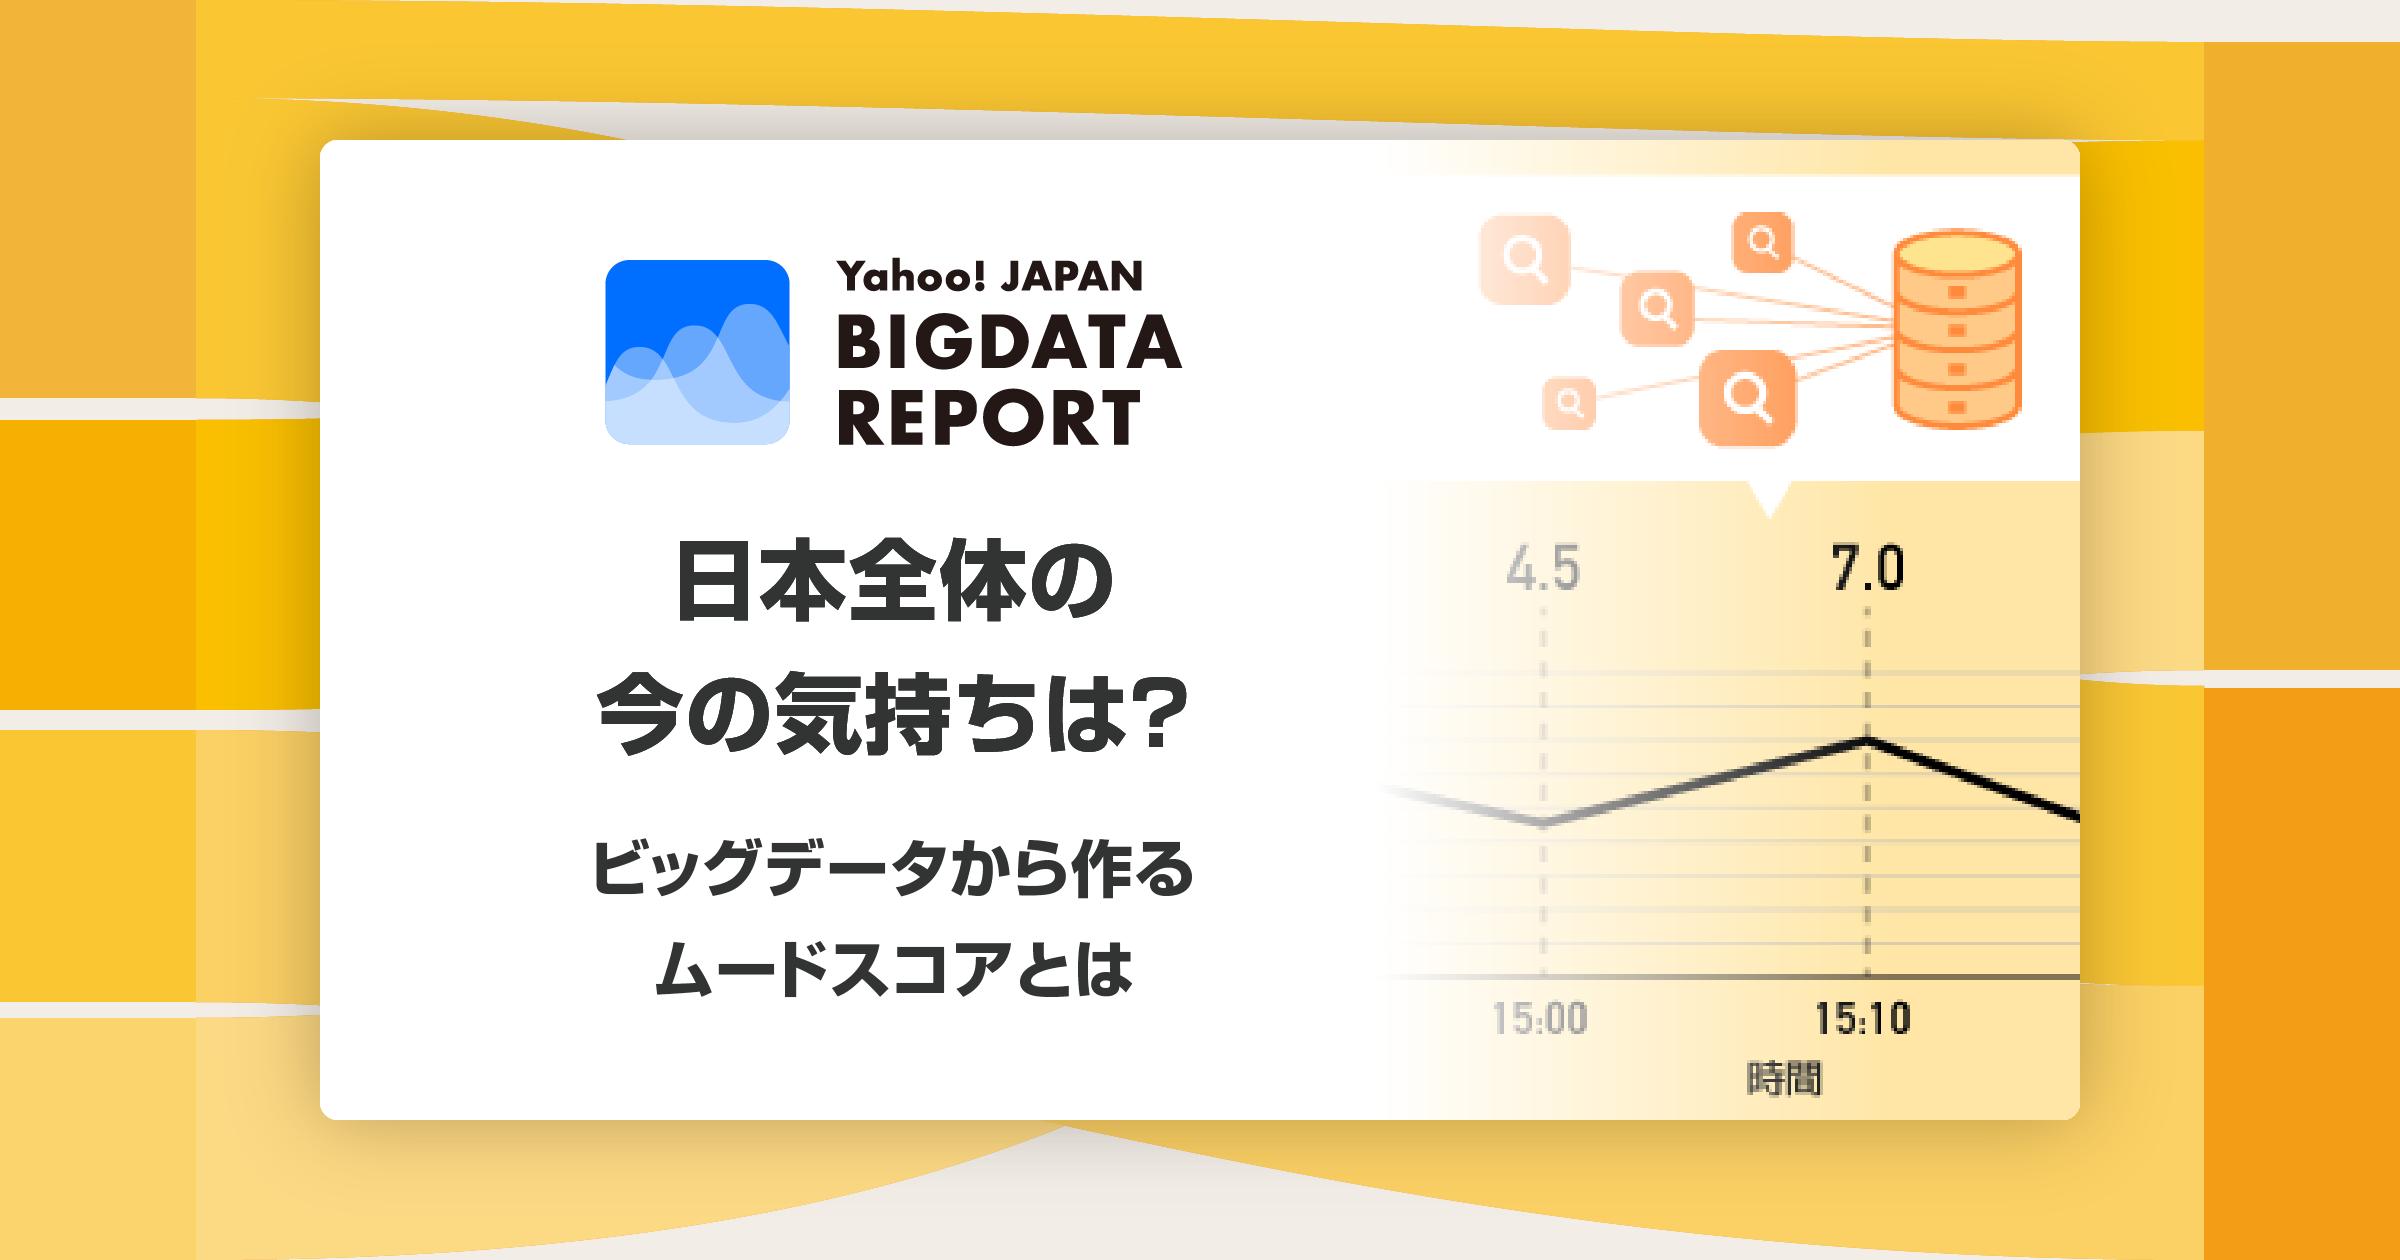 日本全体の今の気持ちは? ビッグデータから作るムードスコアとは